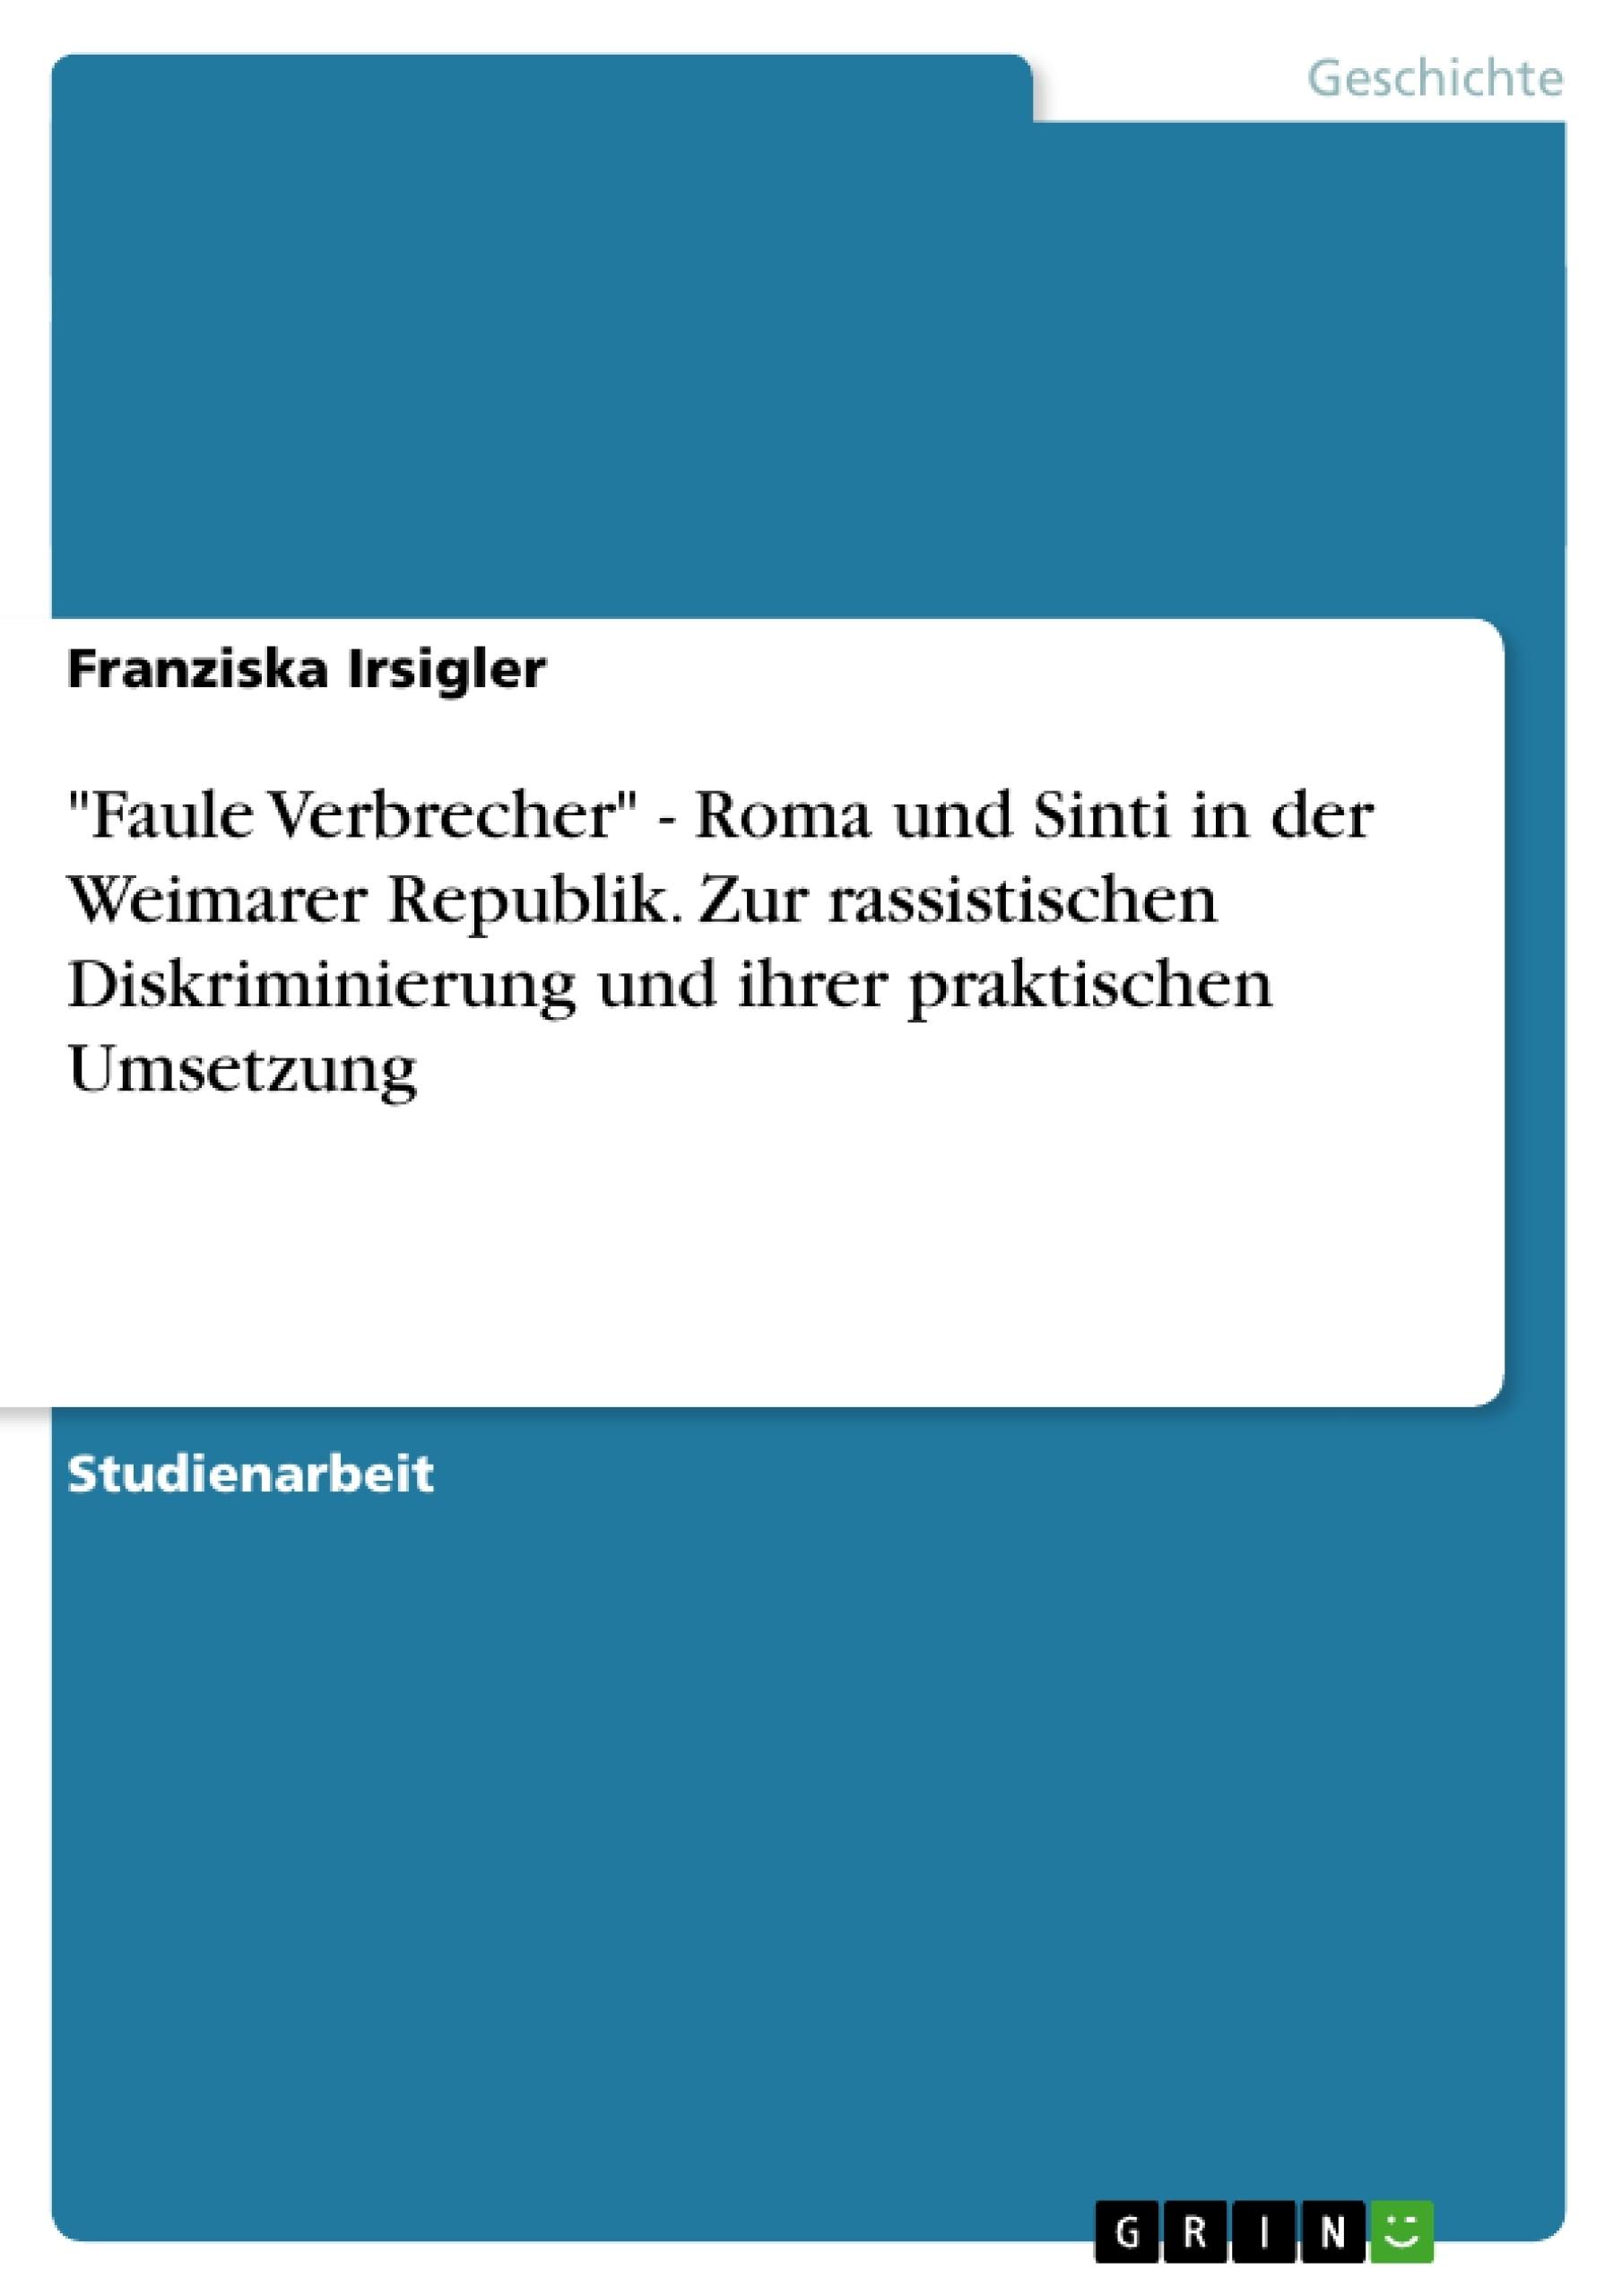 """Titel: """"Faule Verbrecher"""" - Roma und Sinti  in der Weimarer Republik. Zur rassistischen Diskriminierung und ihrer praktischen Umsetzung"""